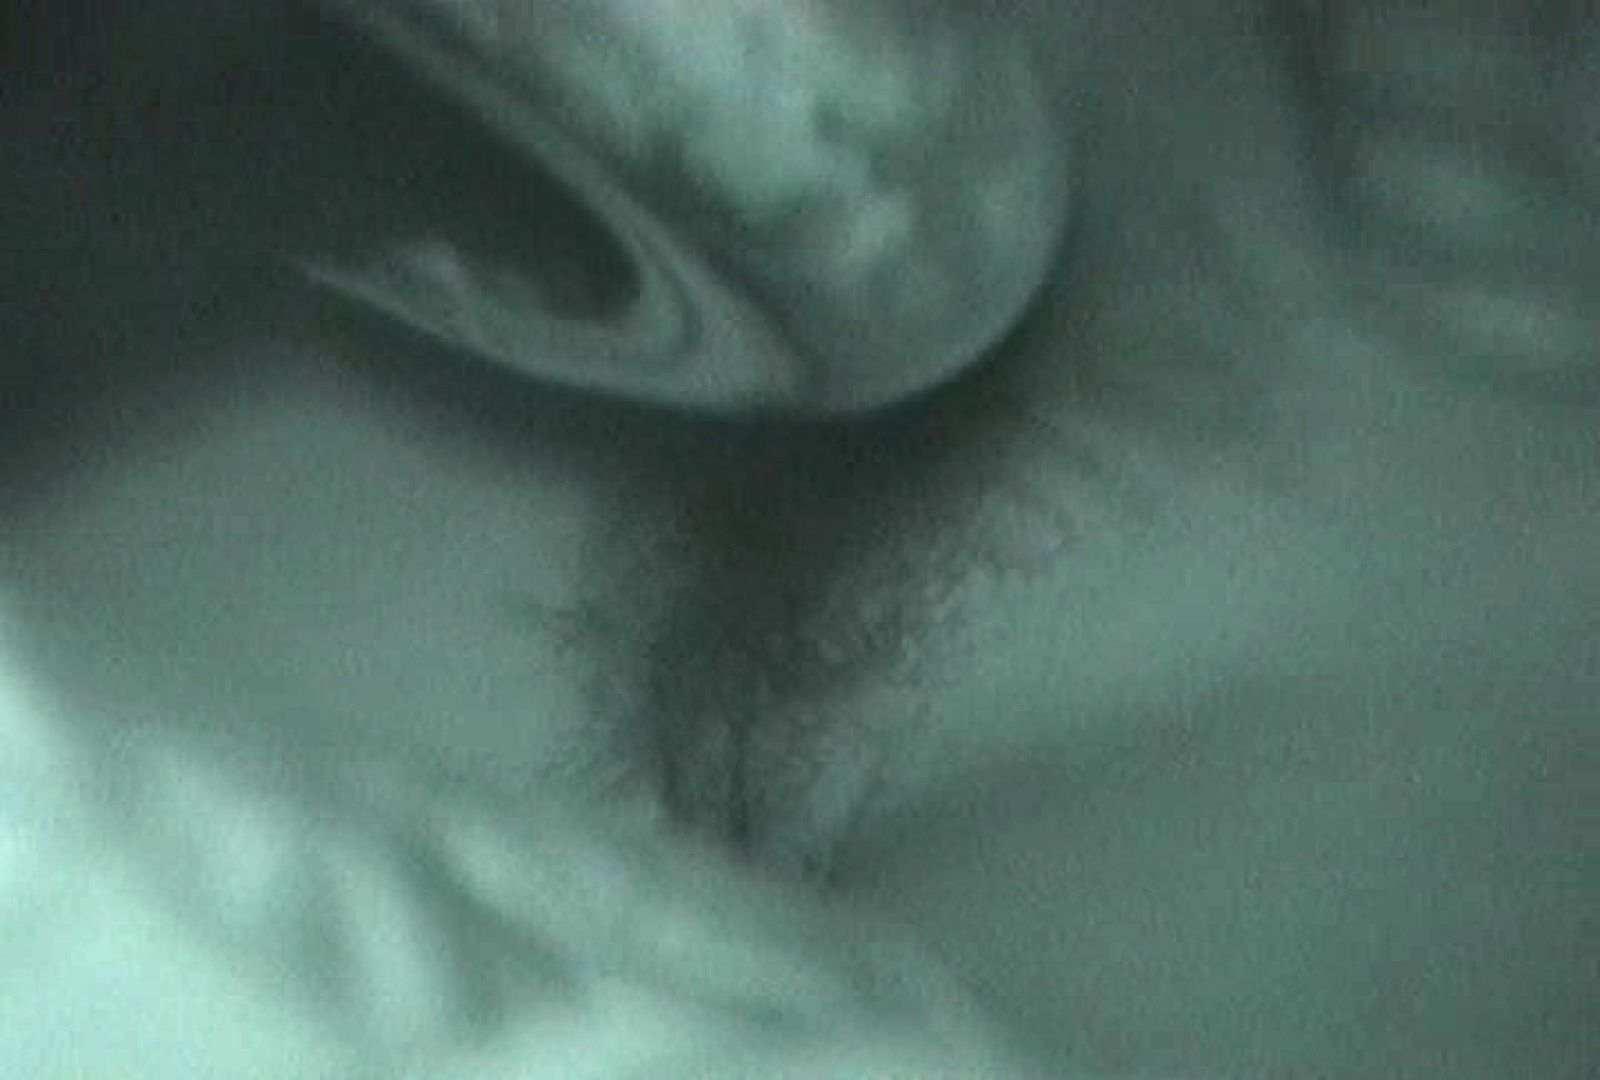 充血監督の深夜の運動会Vol.74 S級美女ギャル オマンコ動画キャプチャ 98画像 77